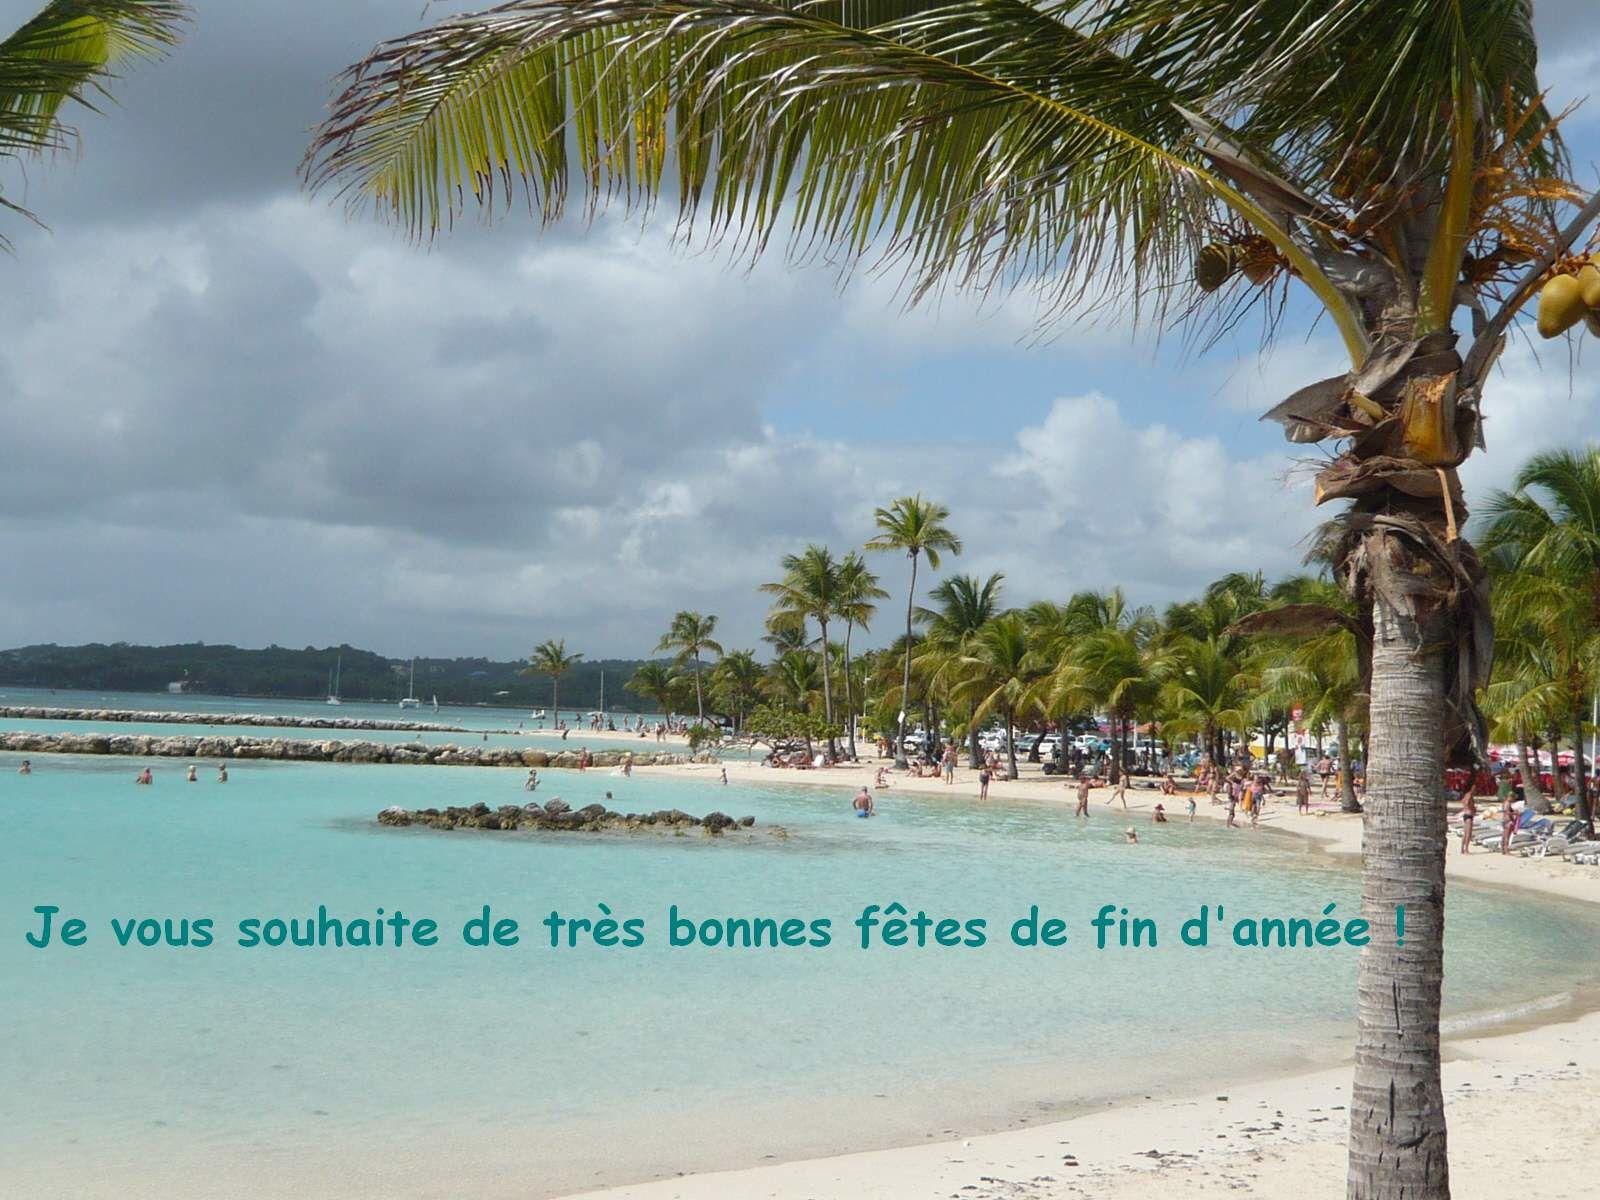 BONNES FETES DE FIN D'ANNEE